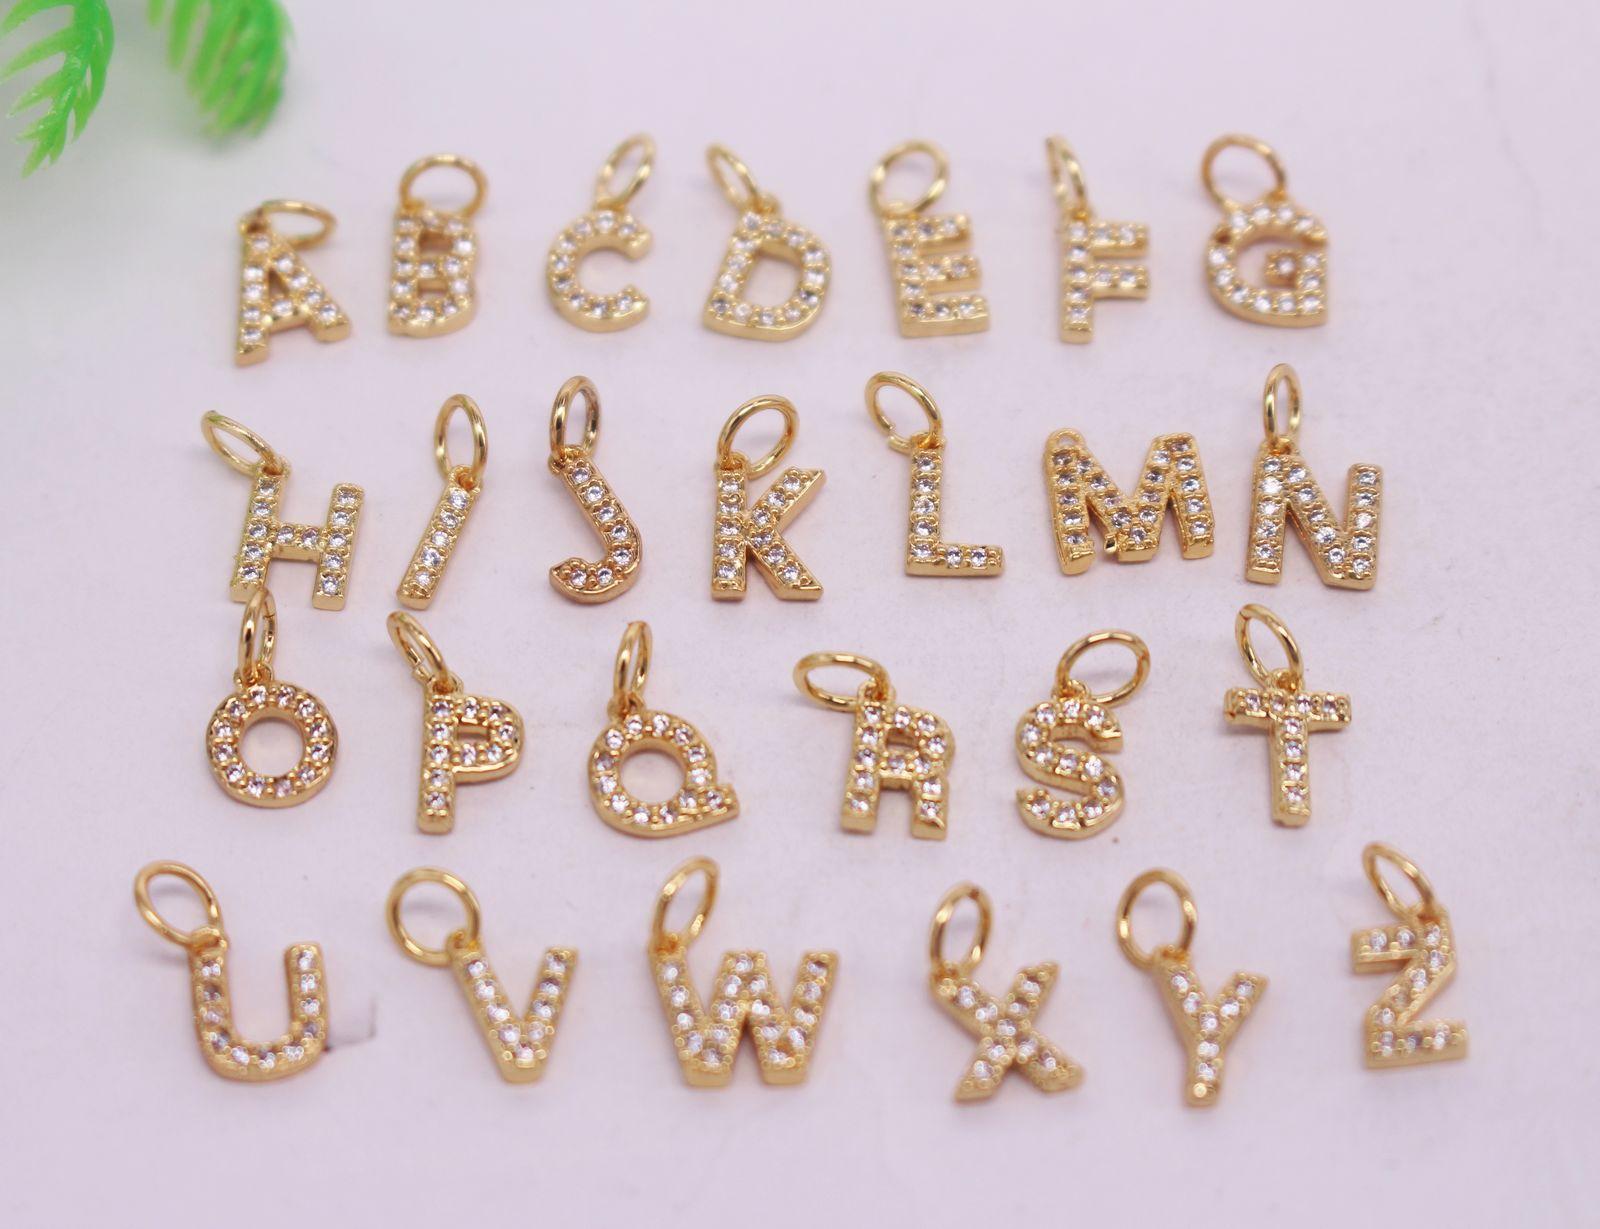 CALIENTE 26pcs chapado en oro perlas alfabeto A-Z Letras colgante de cobre, un metal blanco CZ / granos de circón, pendientes de conector / collar, resultados de la joyería